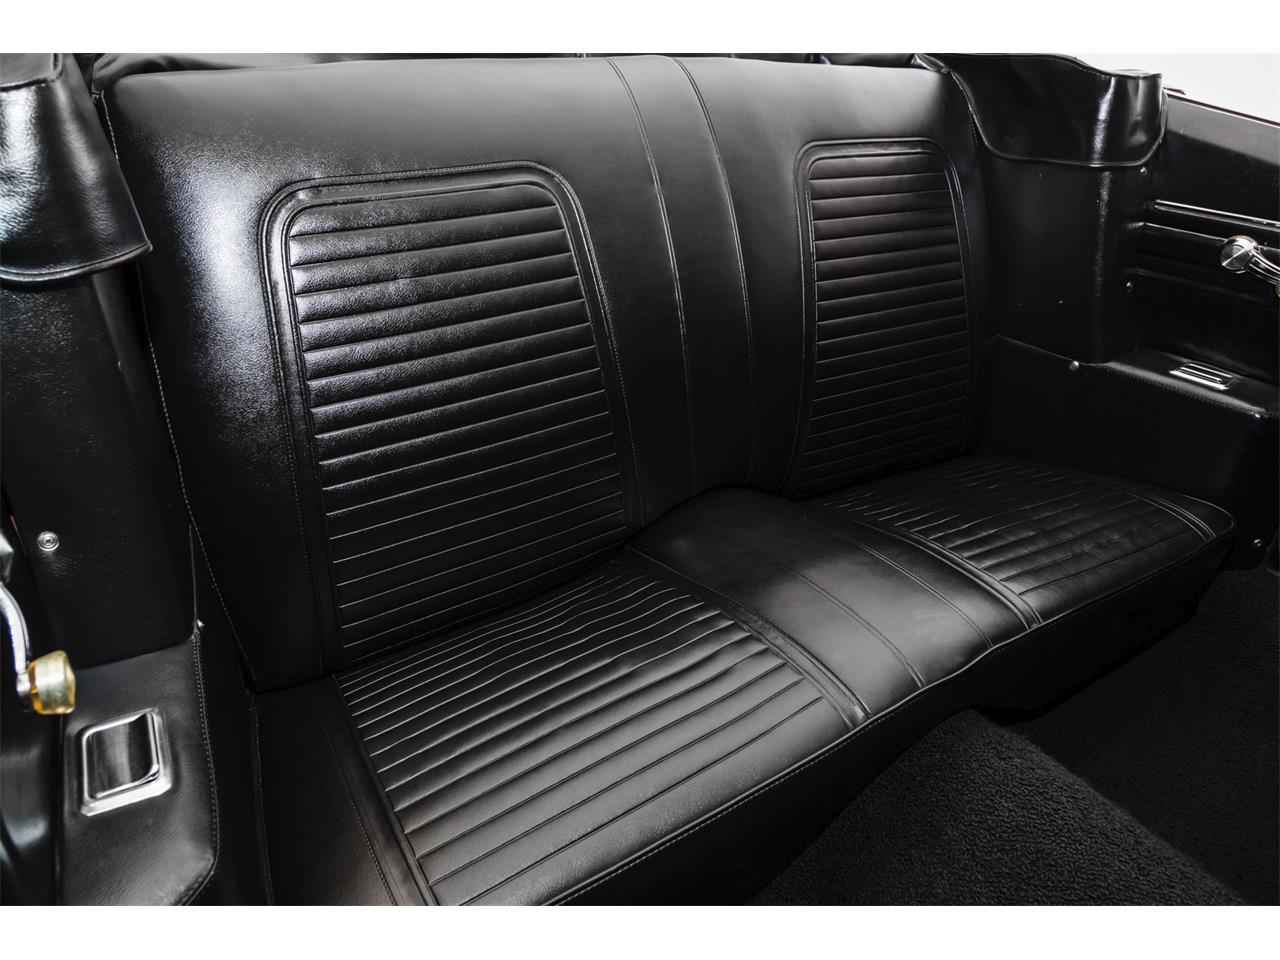 Large Picture of 1969 Chevrolet Camaro located in Iowa - $65,900.00 - LQPC